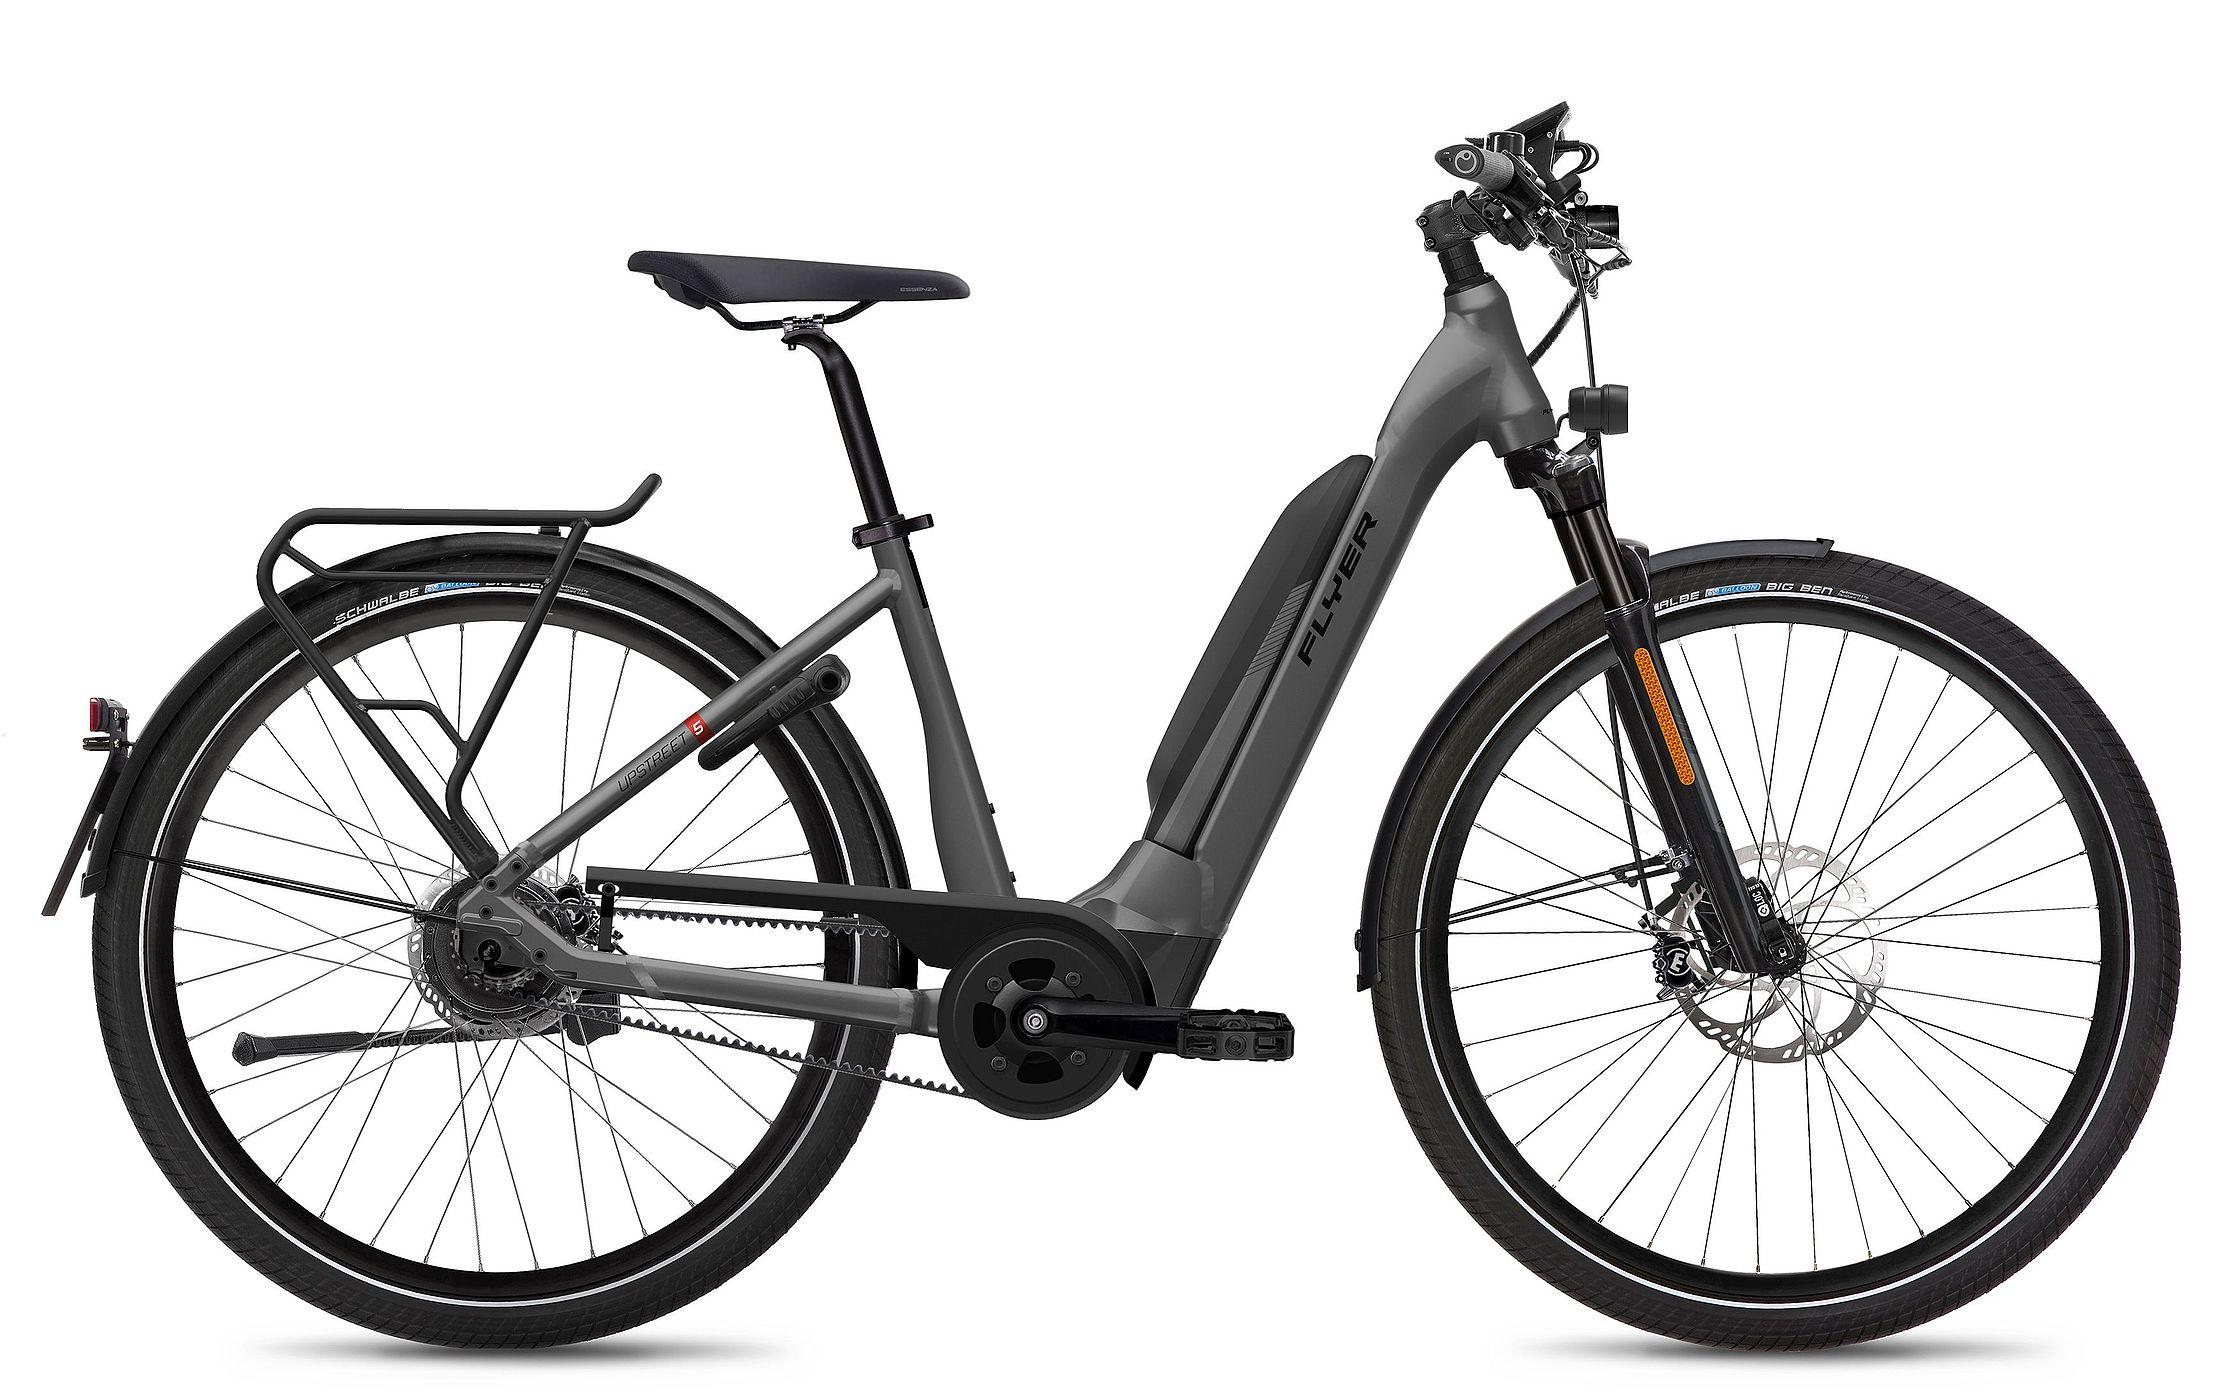 FLYER_E-Bikes_MY21_Upstreet5_783_Comfort_HS_EU_AnthraciteGloss